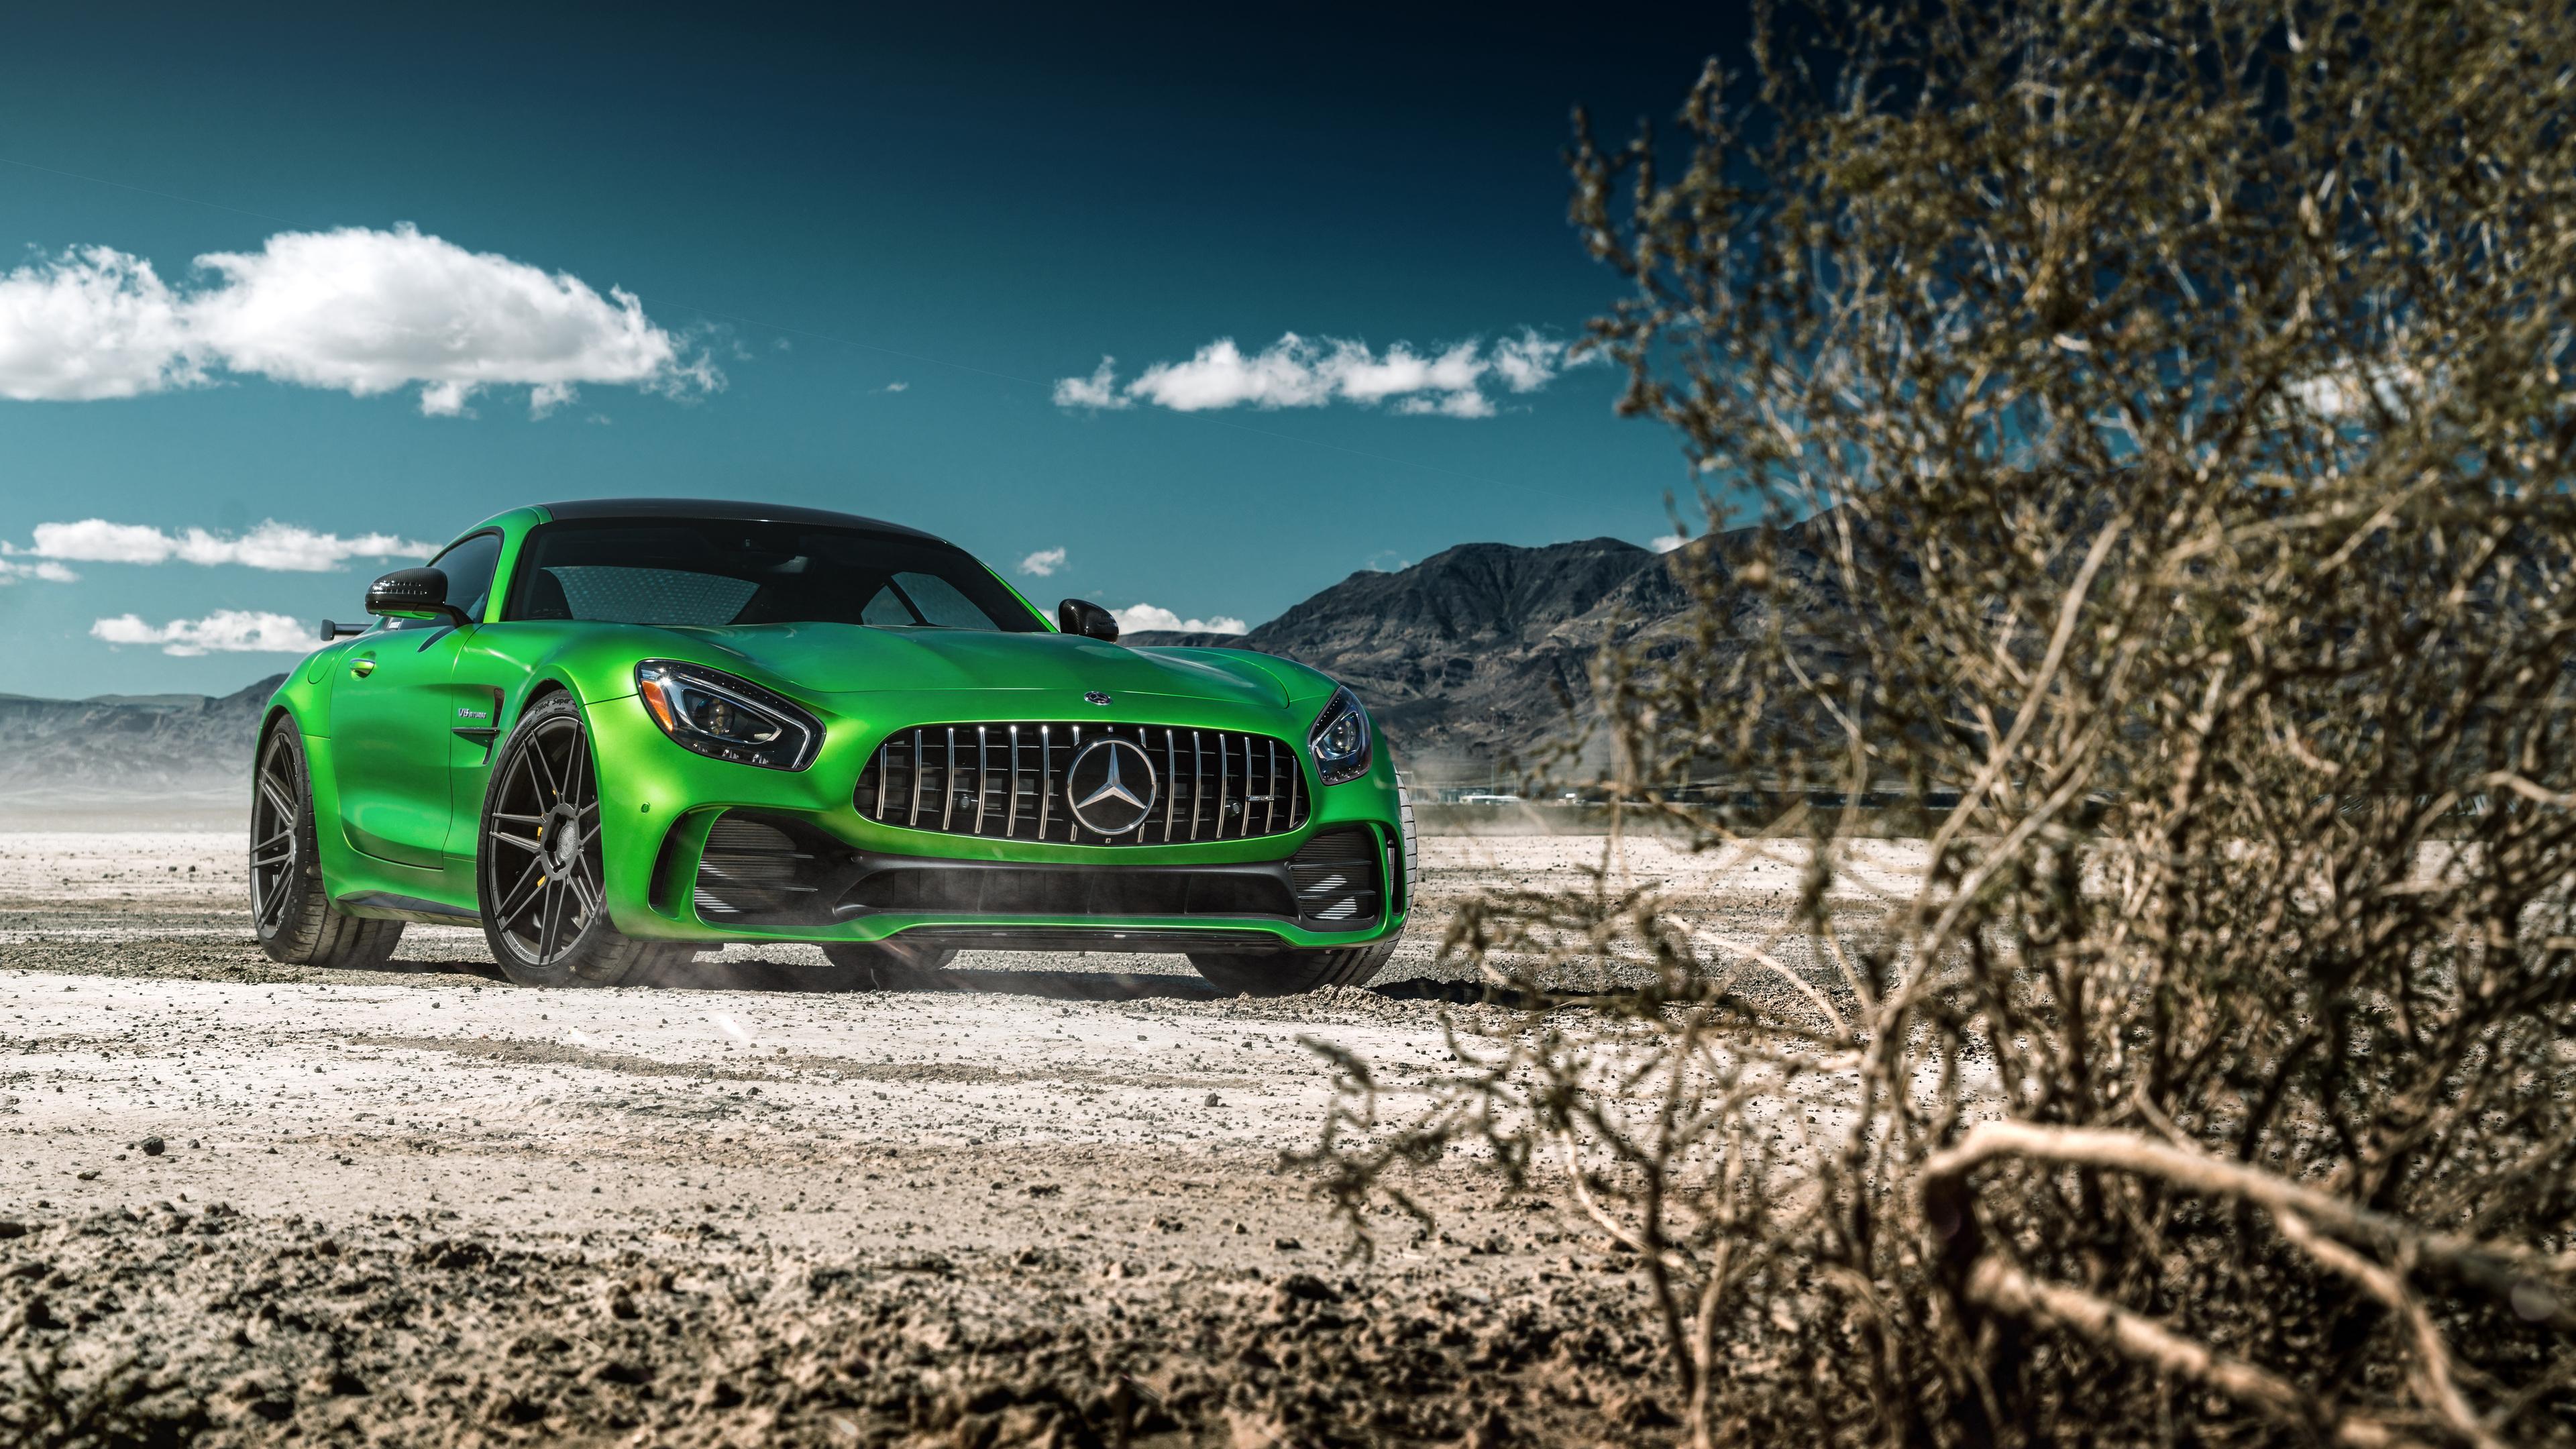 green mercedes benz amg gt 8k 1539792738 - Green Mercedes Benz Amg GT 8k - mercedes wallpapers, mercedes amg gtr wallpapers, hd-wallpapers, cars wallpapers, 8k wallpapers, 5k wallpapers, 4k-wallpapers, 2018 cars wallpapers